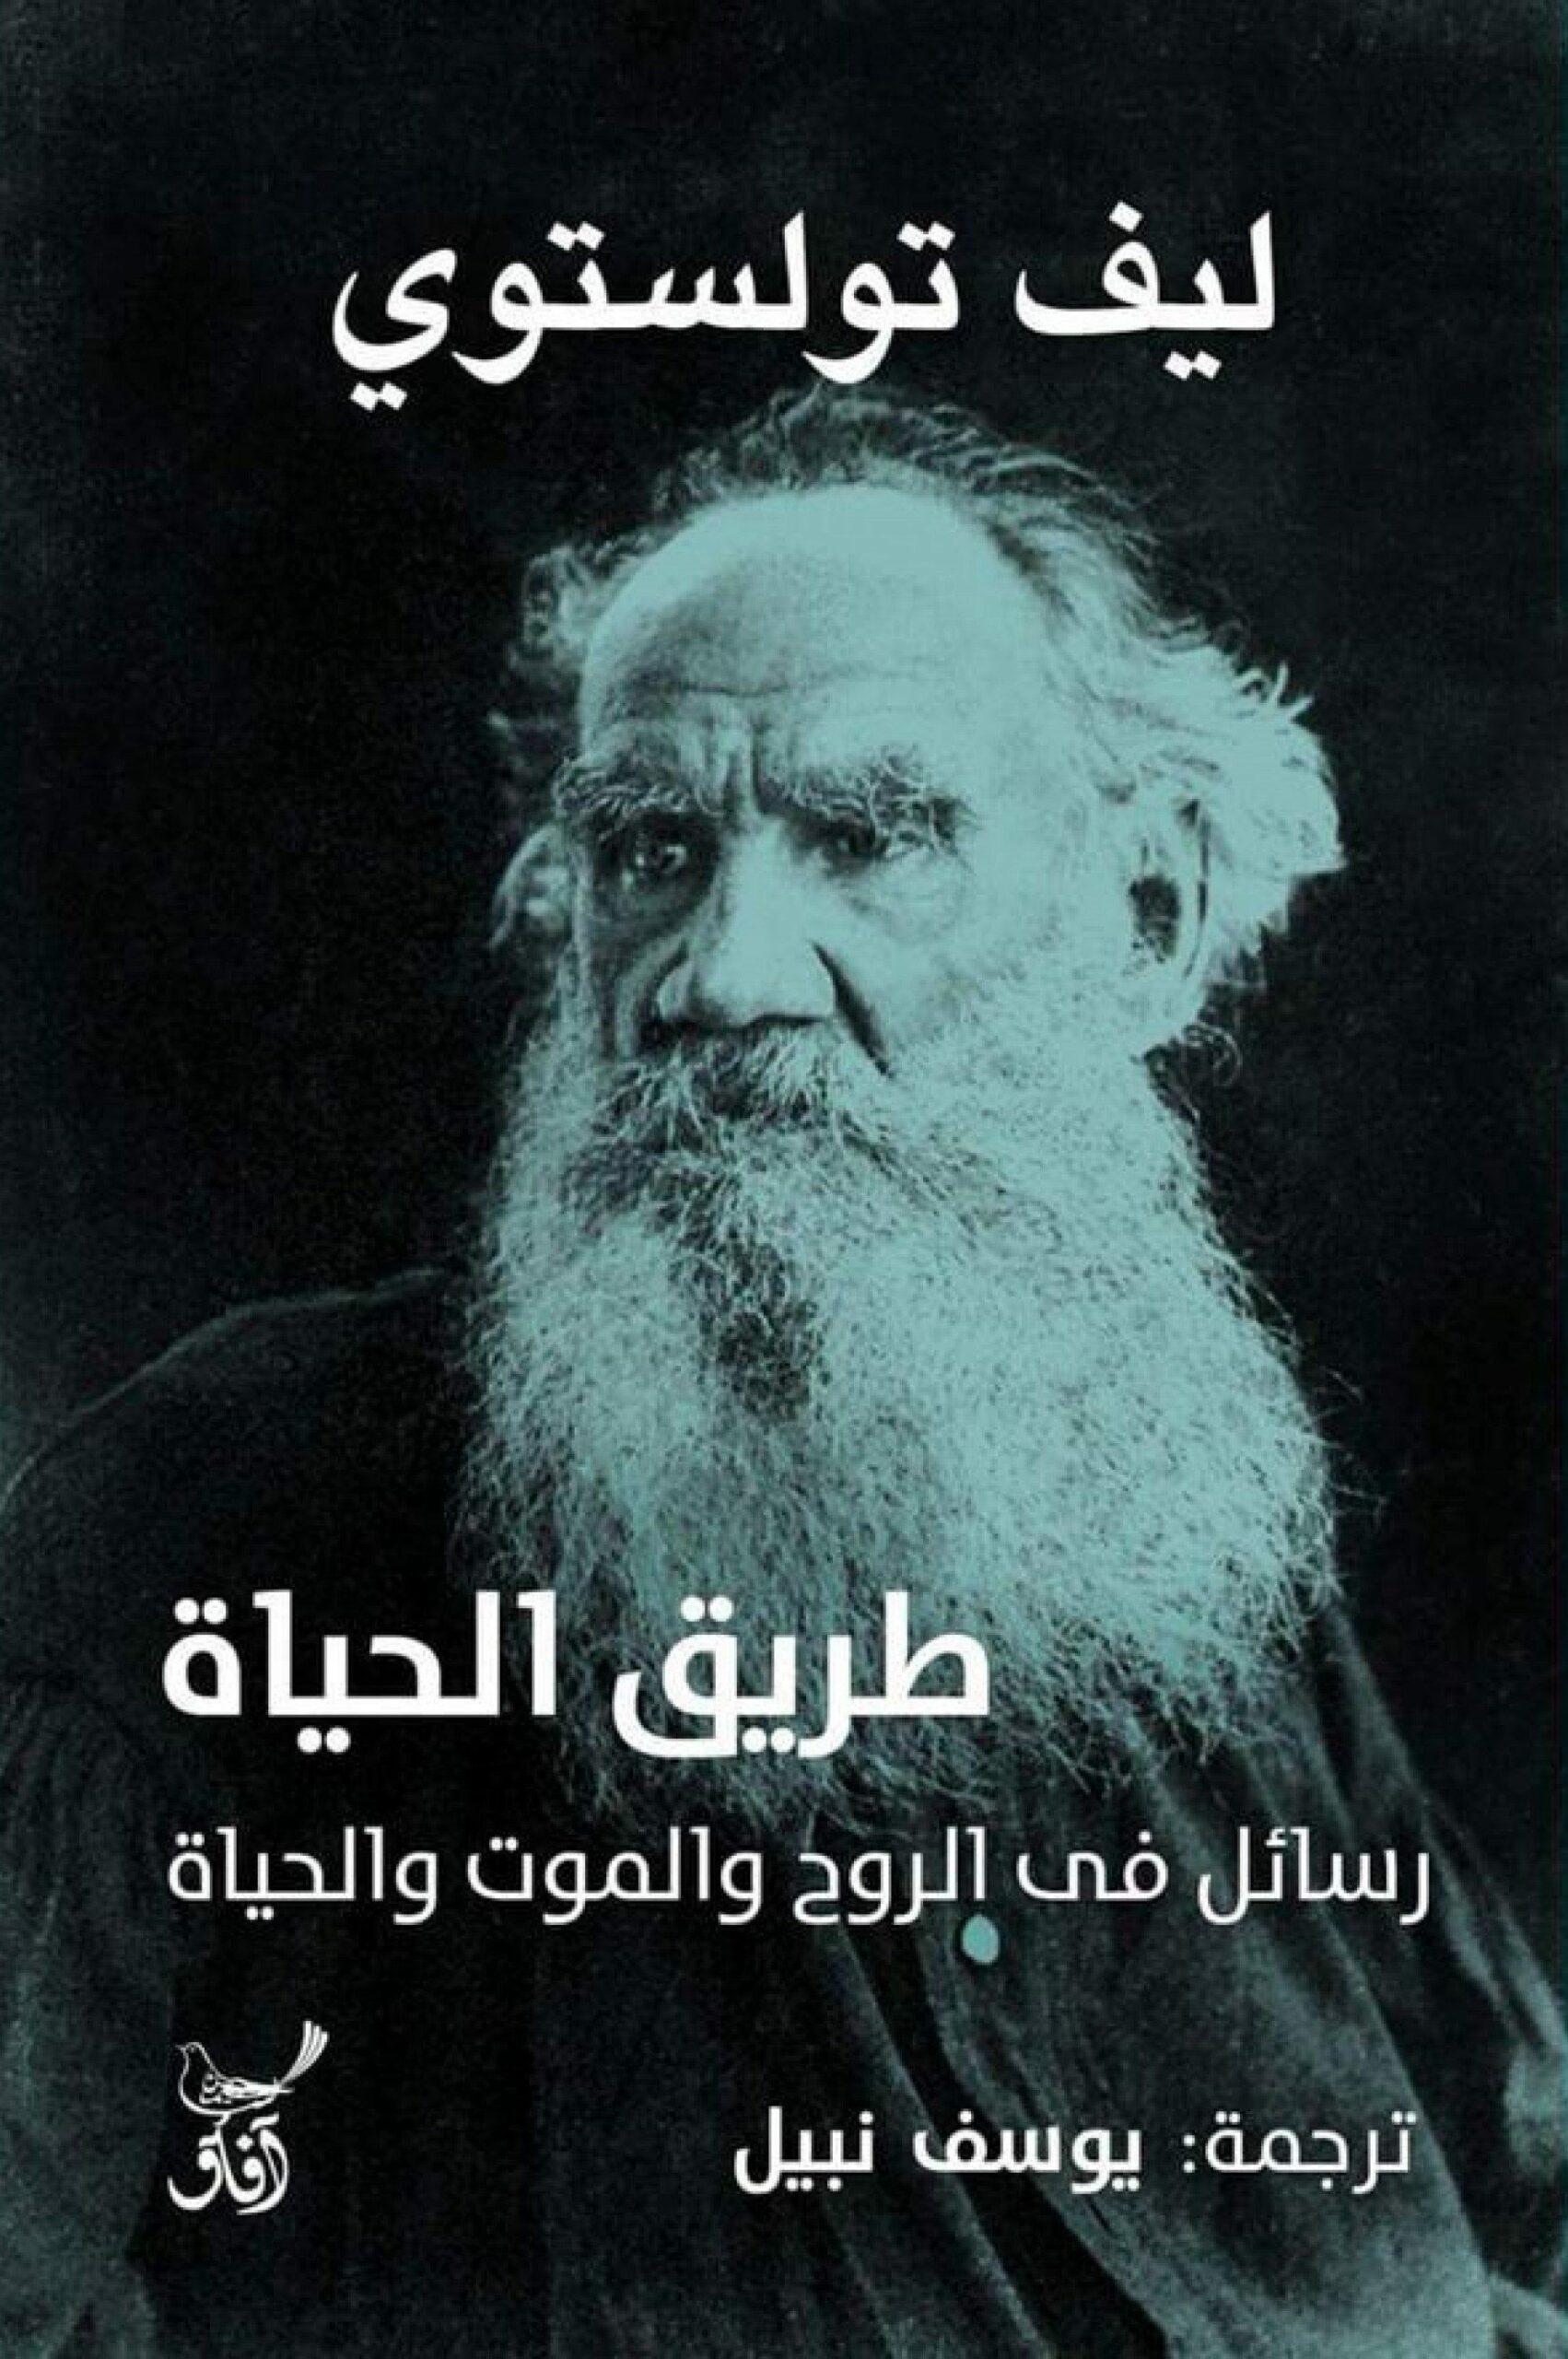 تحميل كتاب طريق الحياة رسائل في الموت والروح والحياة PDF 1